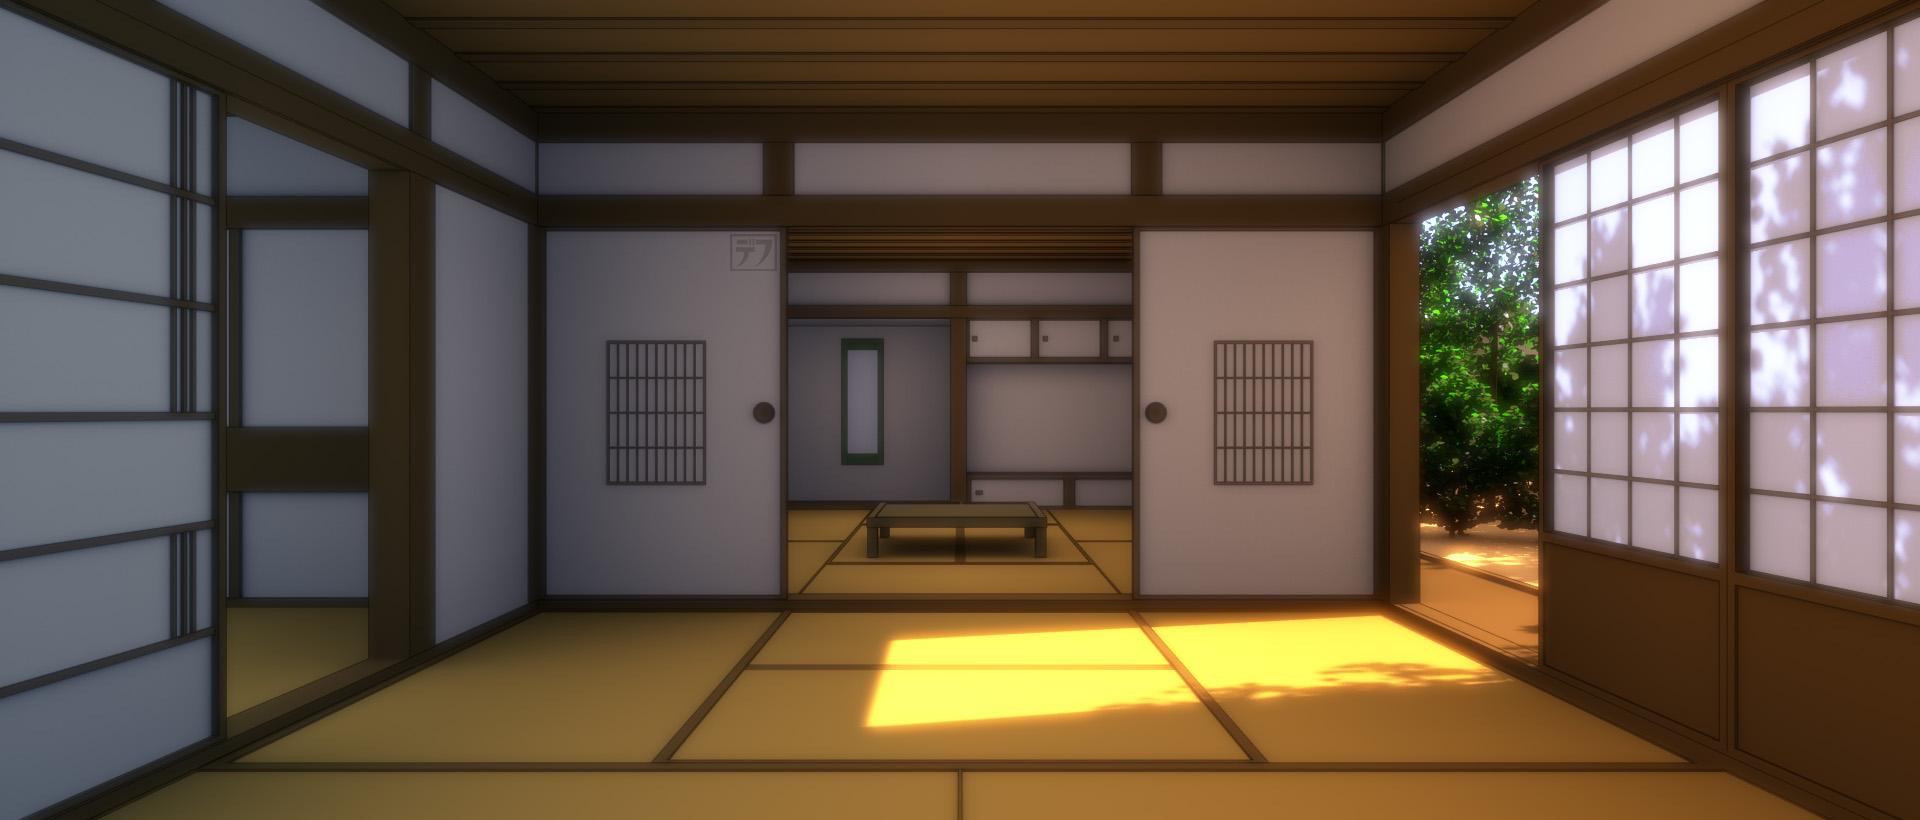 Imanje Uzunami porodice (Shigeru) Anime_house